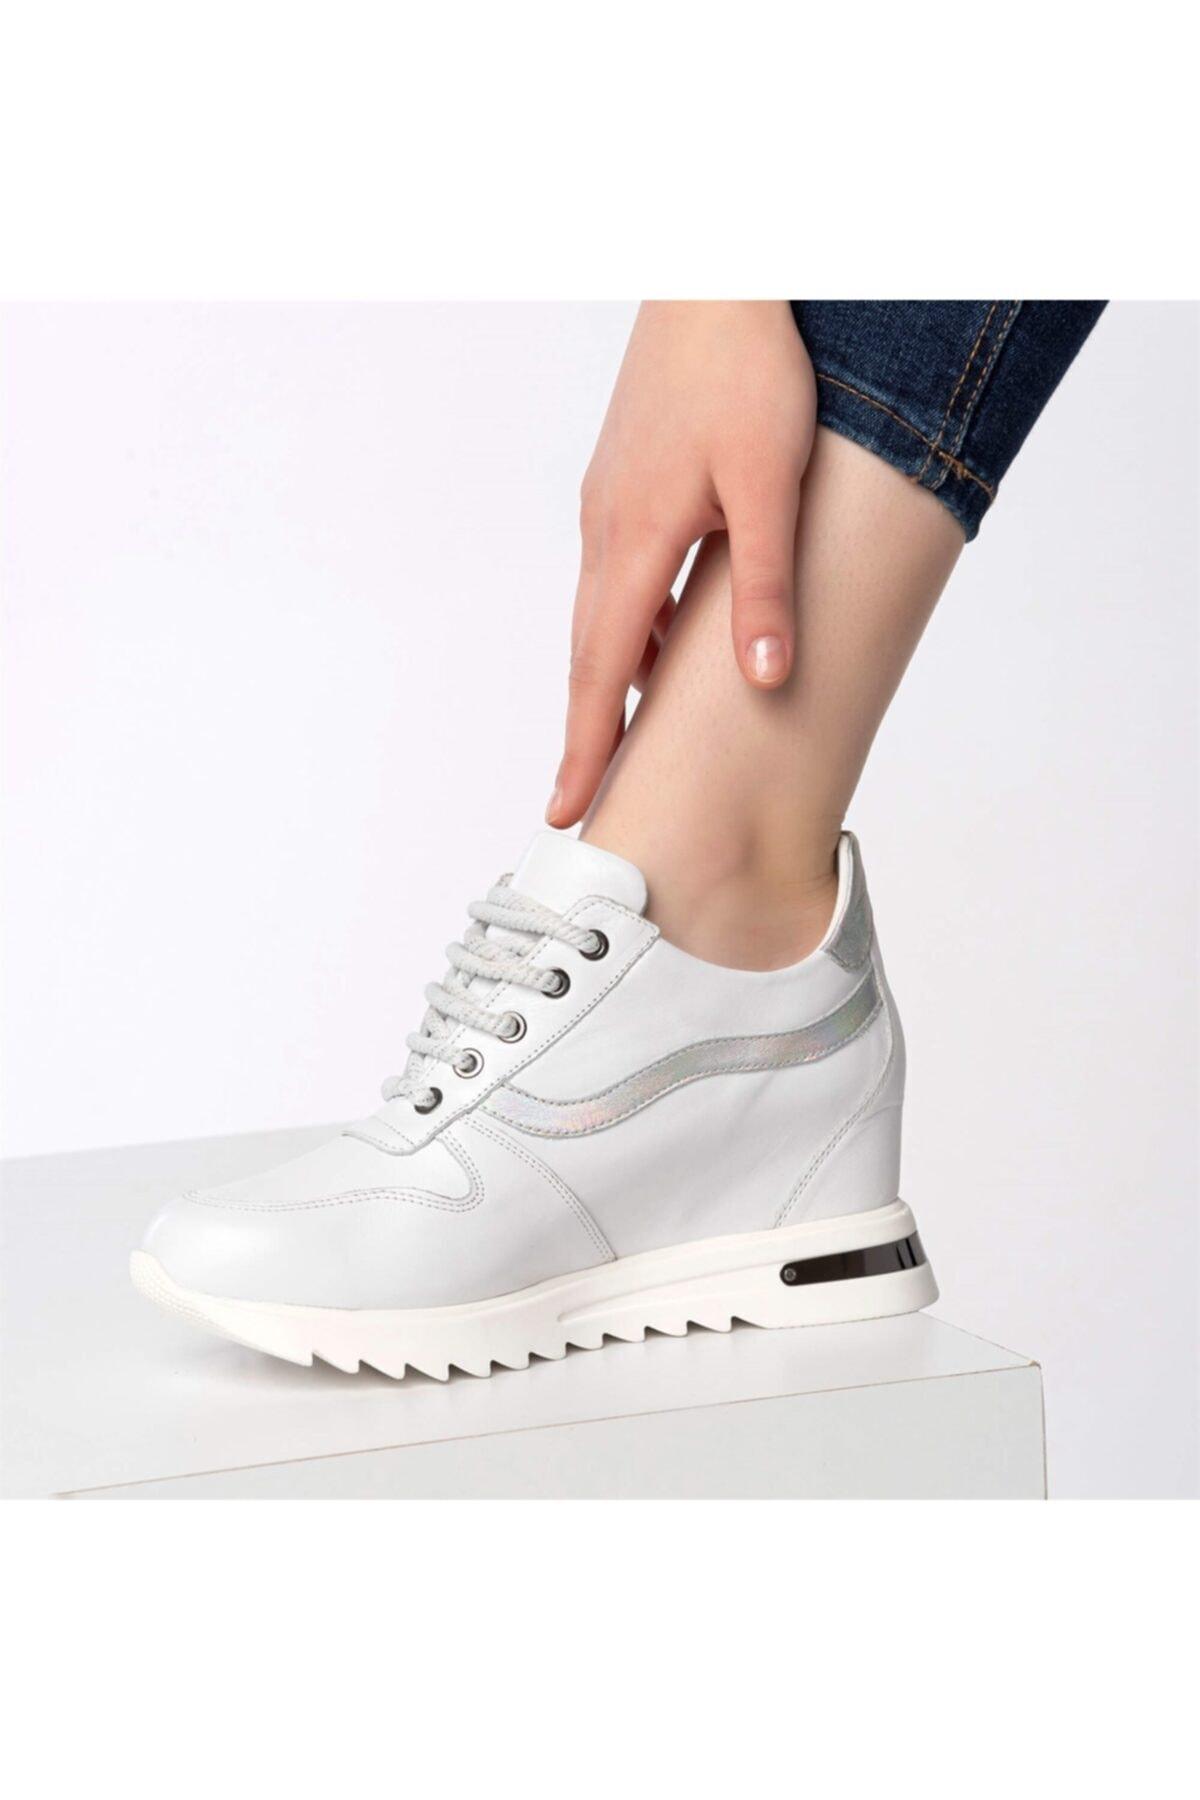 Flower Beyaz Dolgu Topuklu Spor Ayakkabı 2